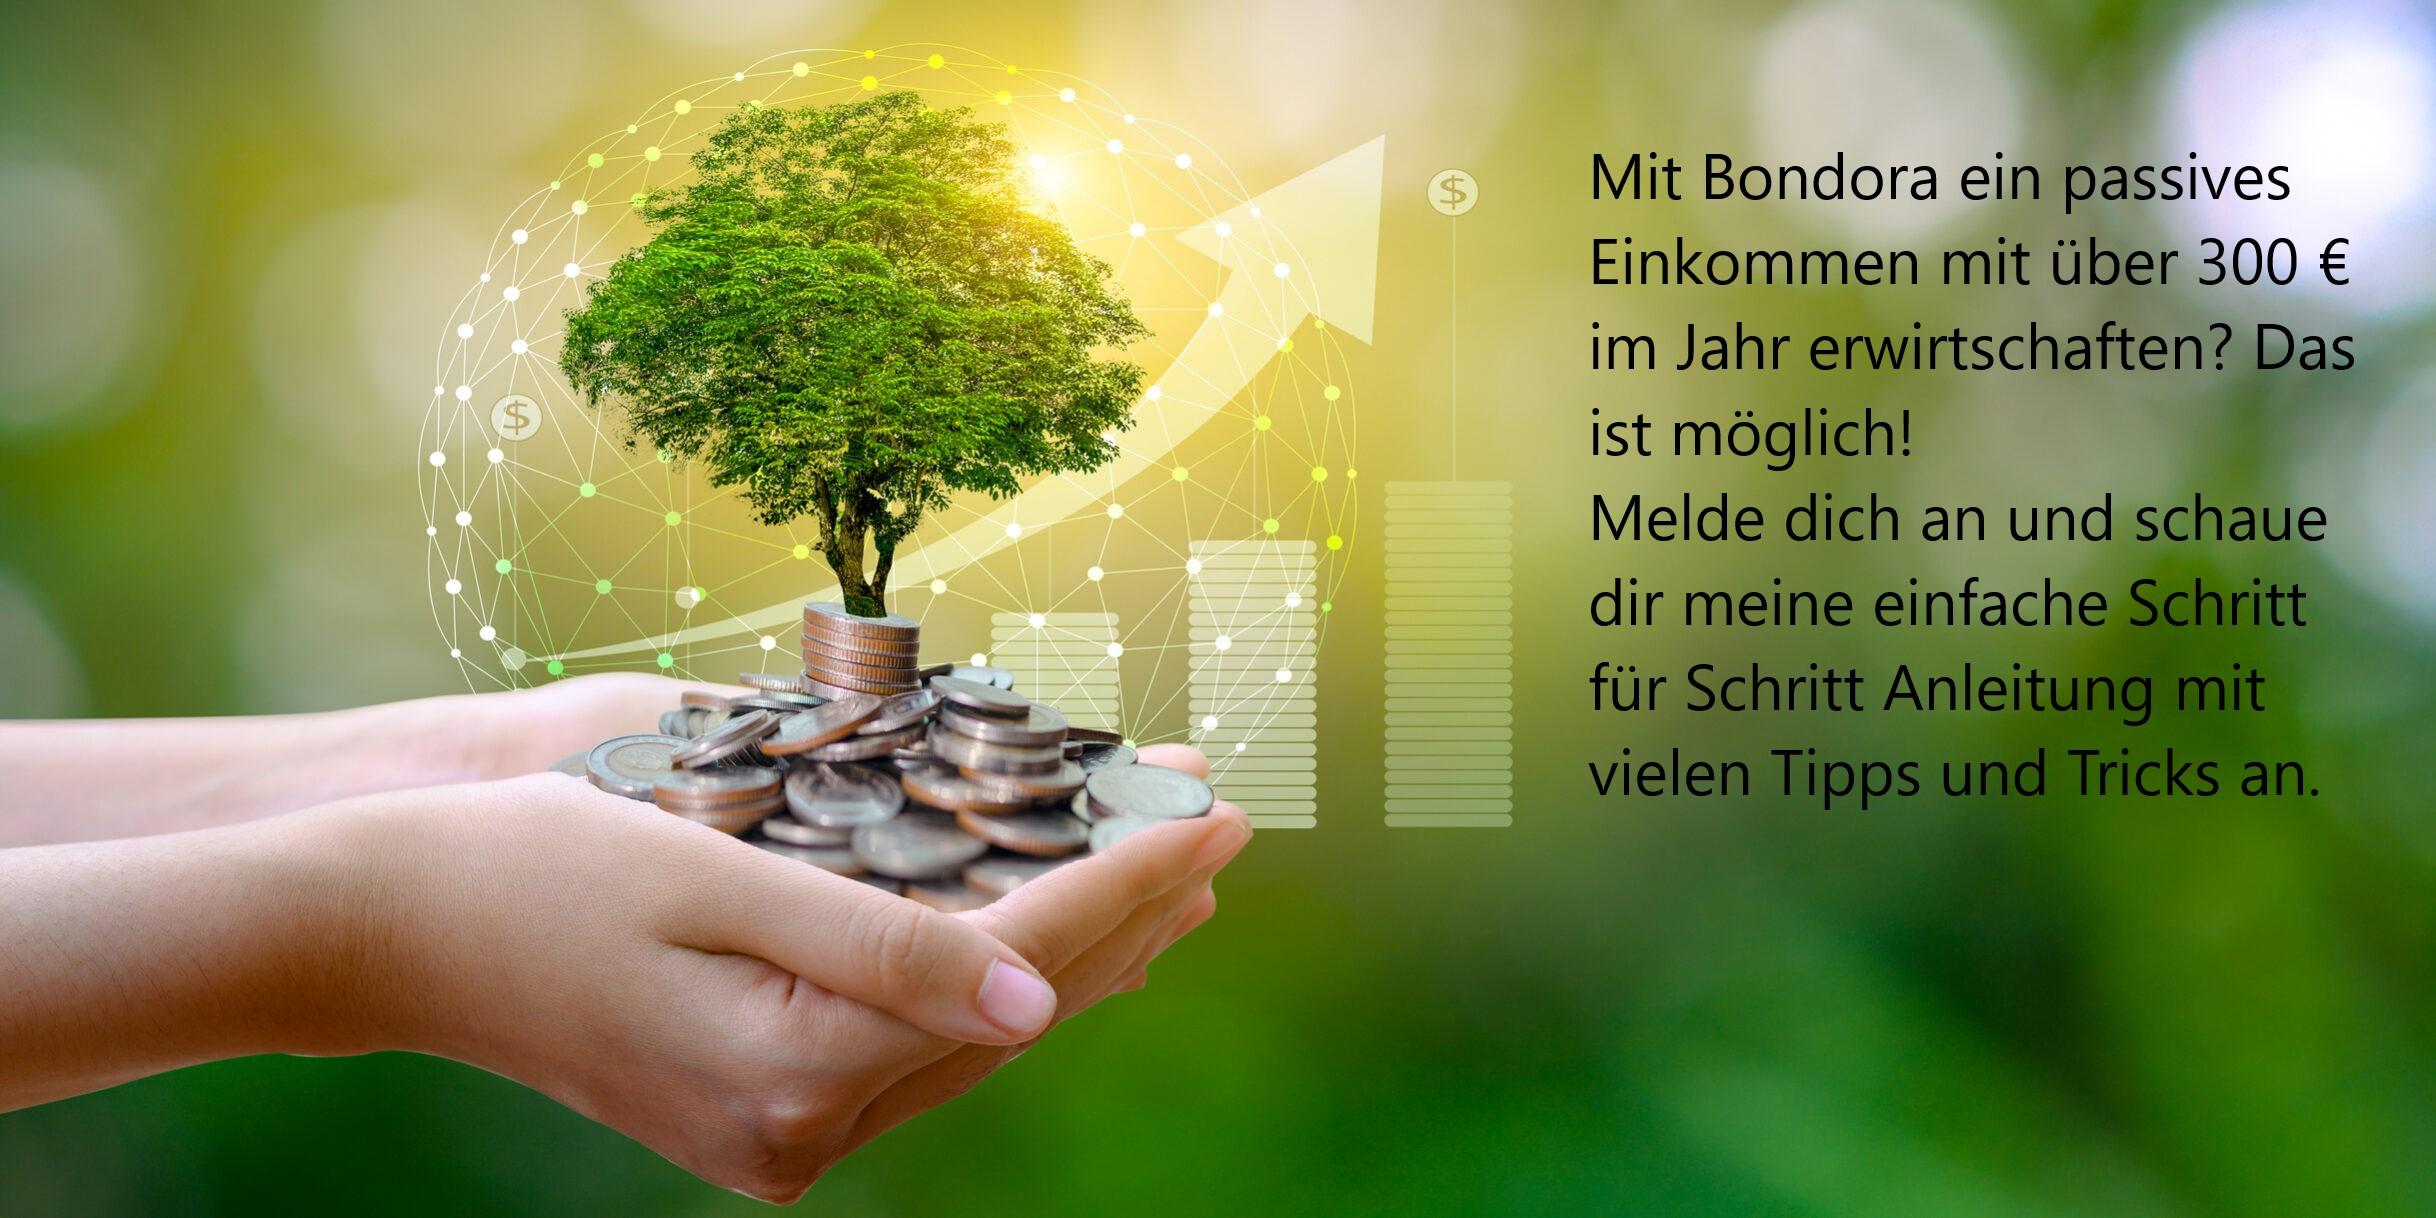 8. Tipps mit Bondora Kredite Geld zu machen und 5 € Bonus